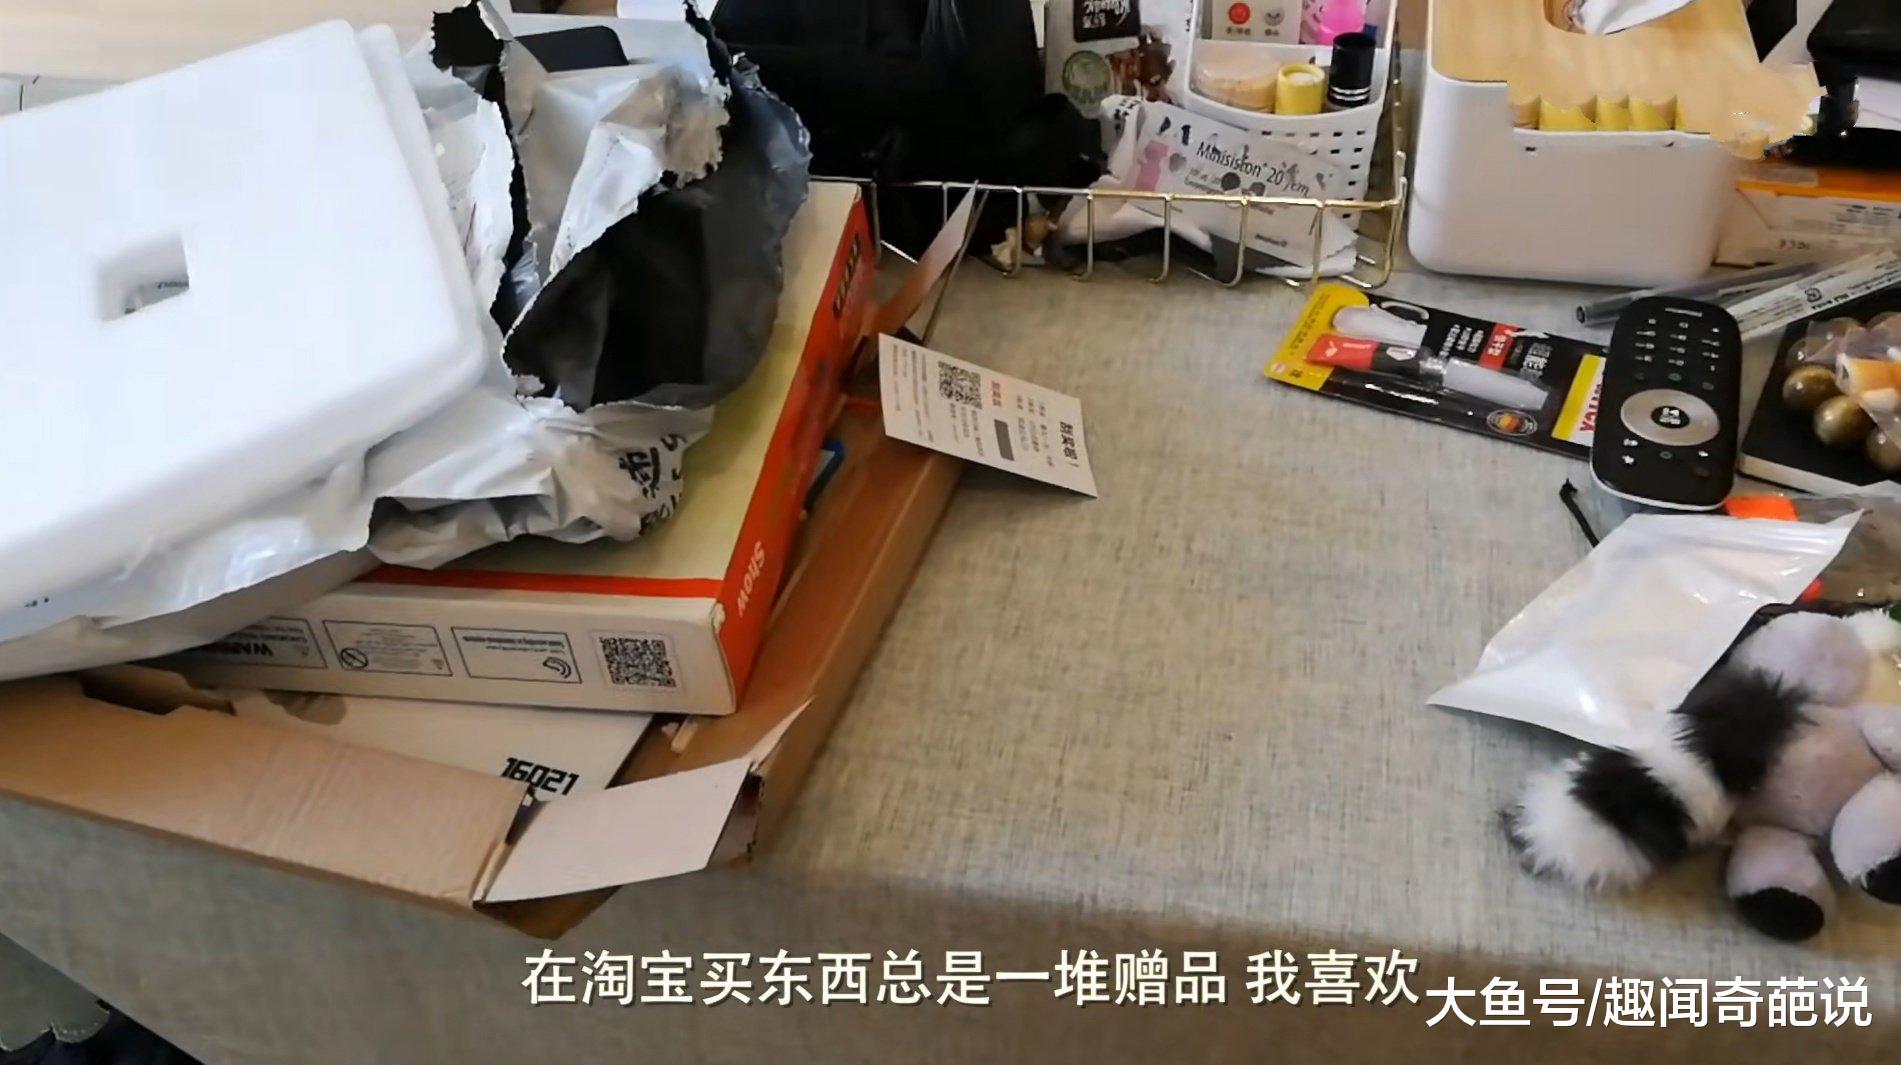 德国老外来到中国后第一次体验网购, 结果彻底停不下来了